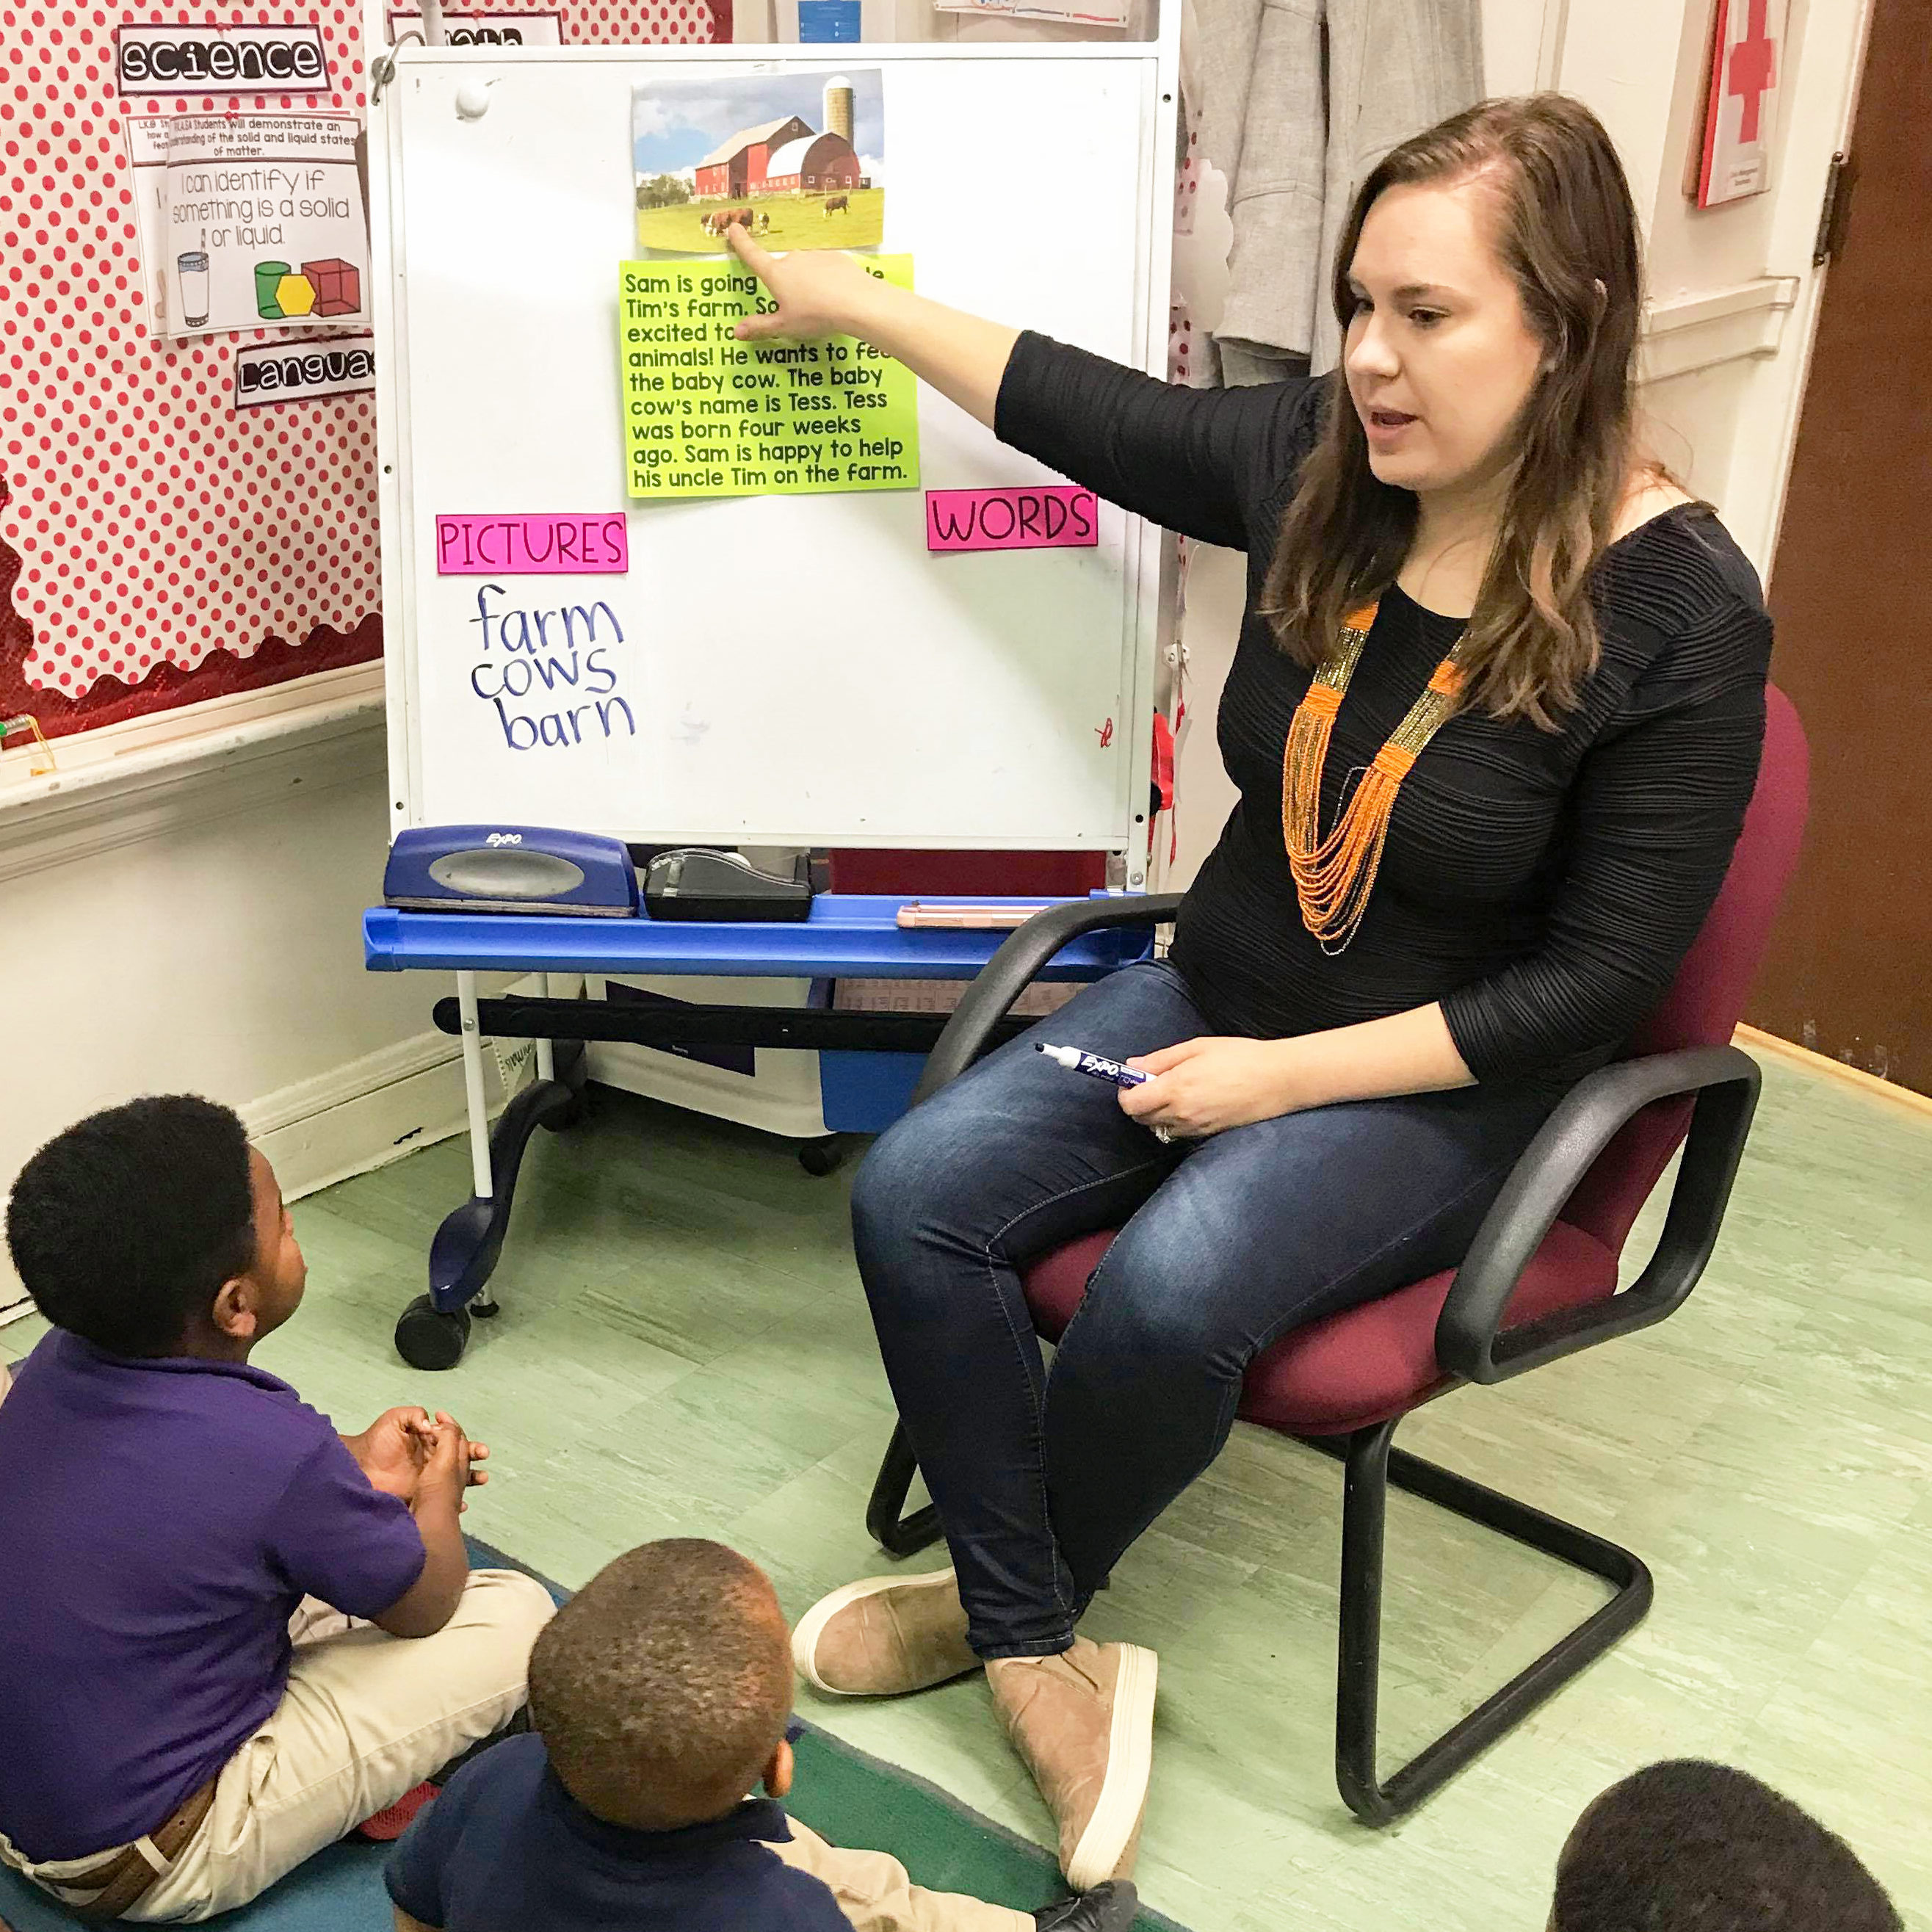 Kindergarten teacher Anna Kazandjian pointing to a whiteboard.